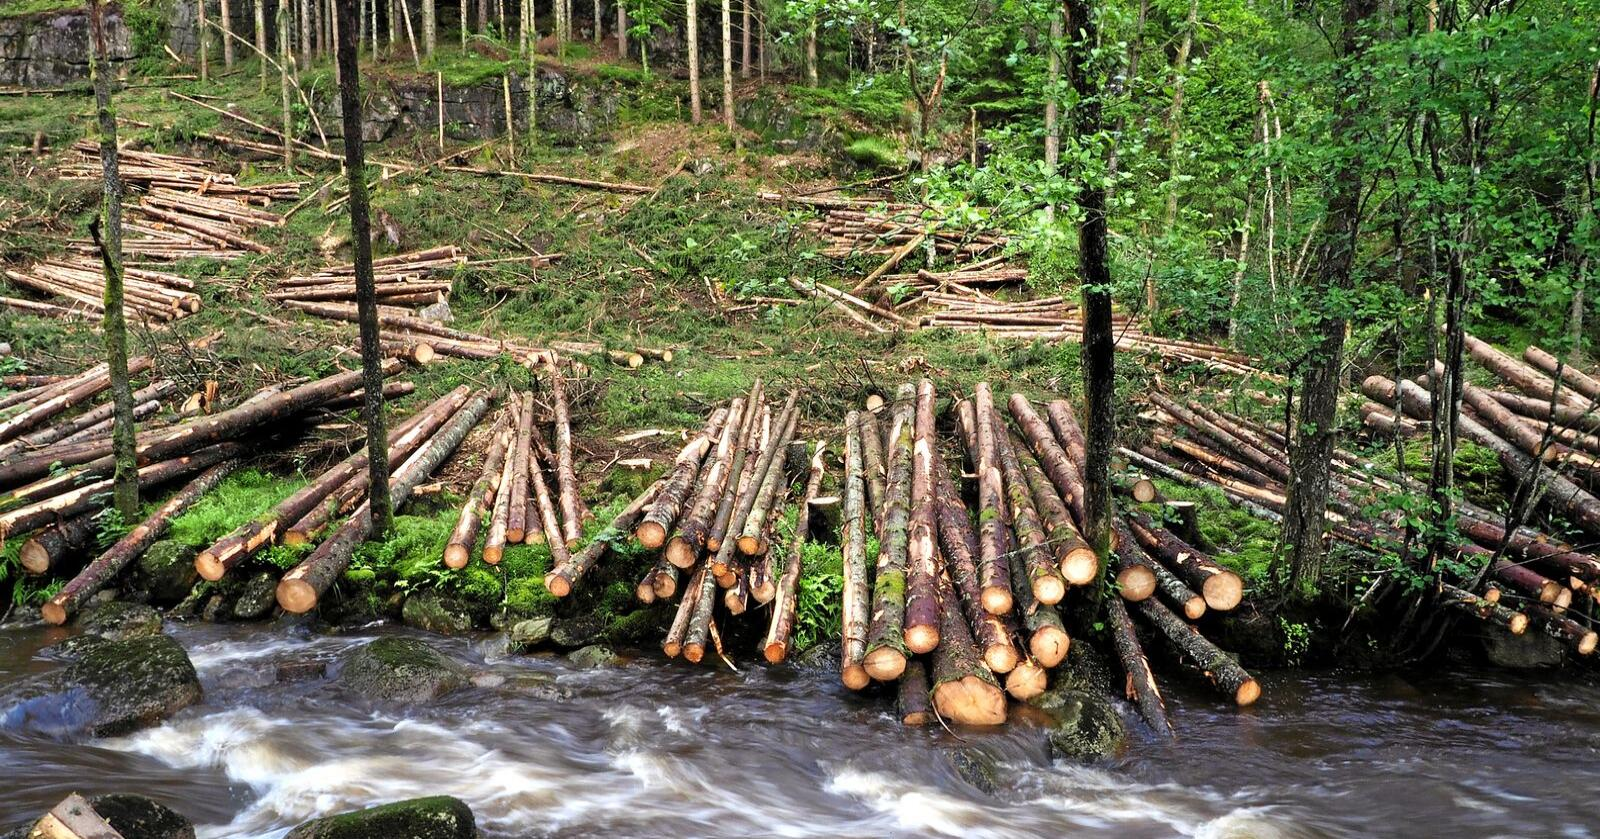 De med størst skog hadde også størst inntektsutvikling. Illustrasjonsfoto: Siri Juell Rasmussen